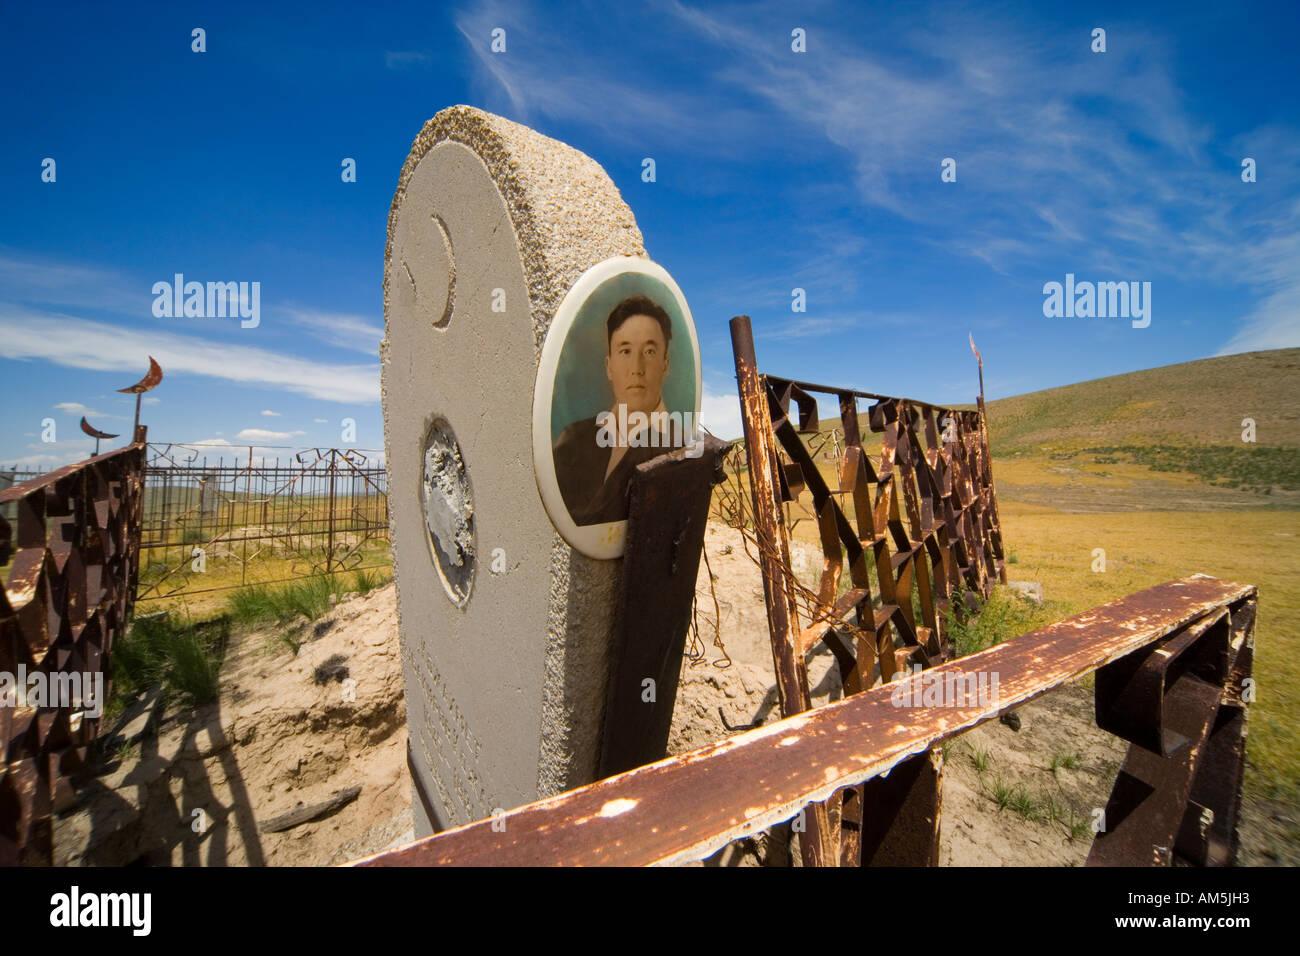 https://c7.alamy.com/comp/AM5JH3/neglected-muslim-graveyard-kazakhstan-in-the-kazakh-steppe-AM5JH3.jpg